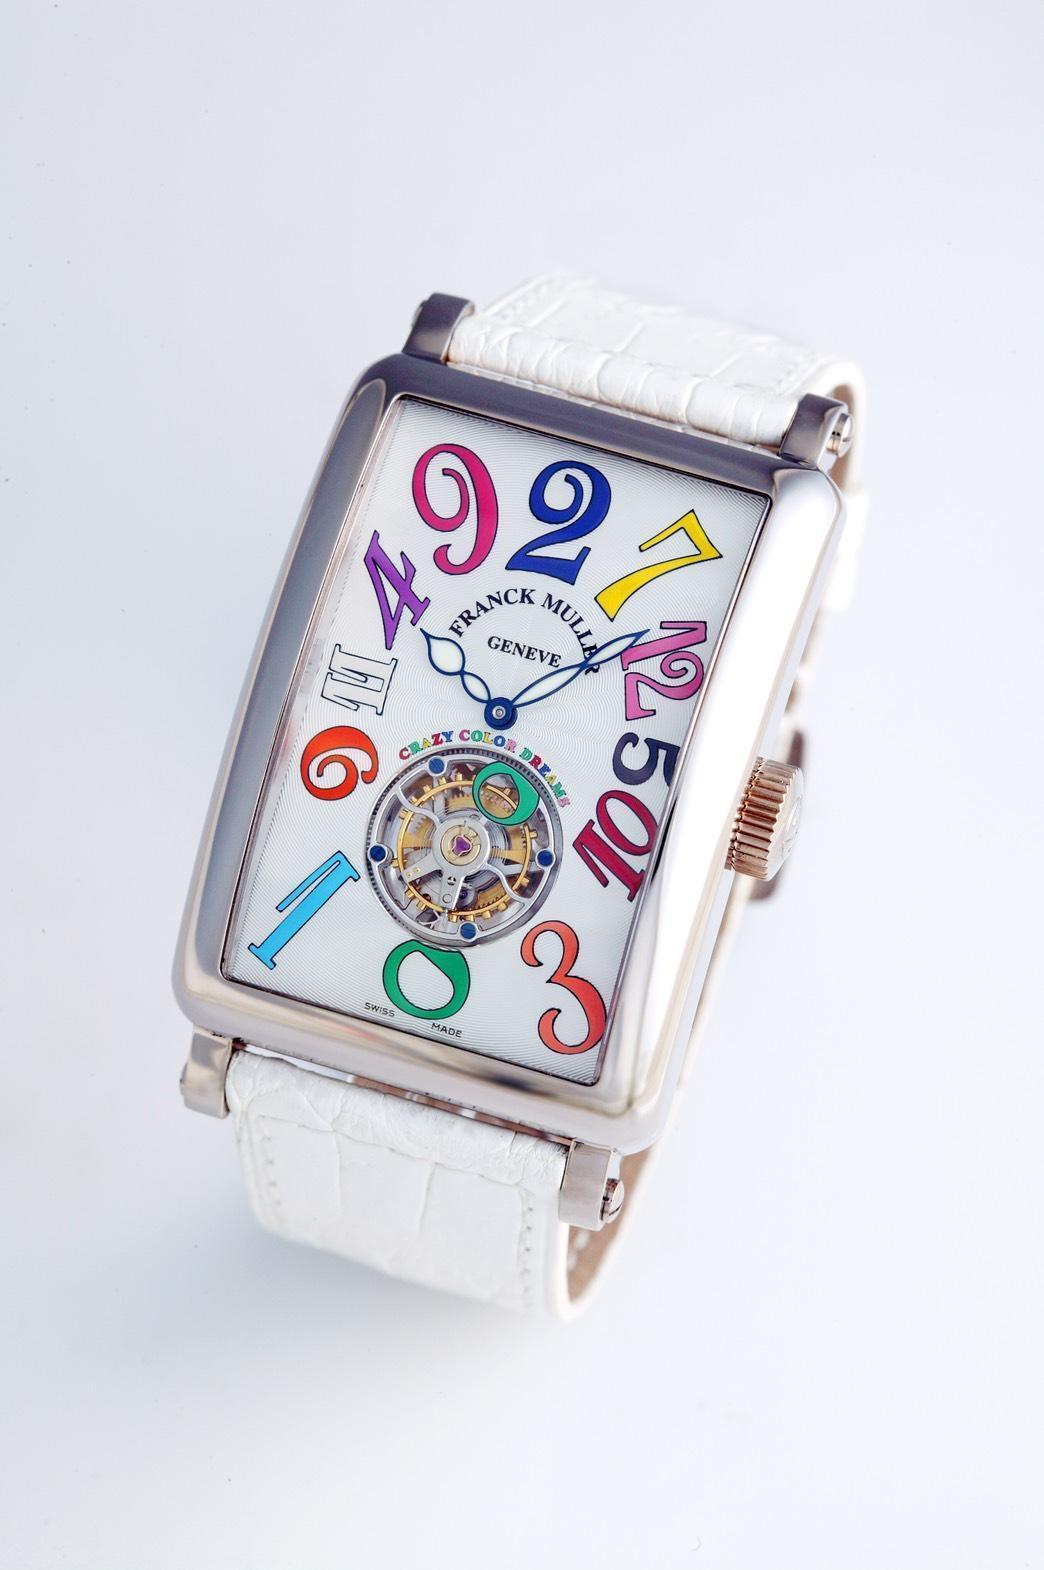 微風南山FRANCK MULLER 1300 Crazy Hours彩色數字白K金陀飛輪腕錶  6,326,000元。